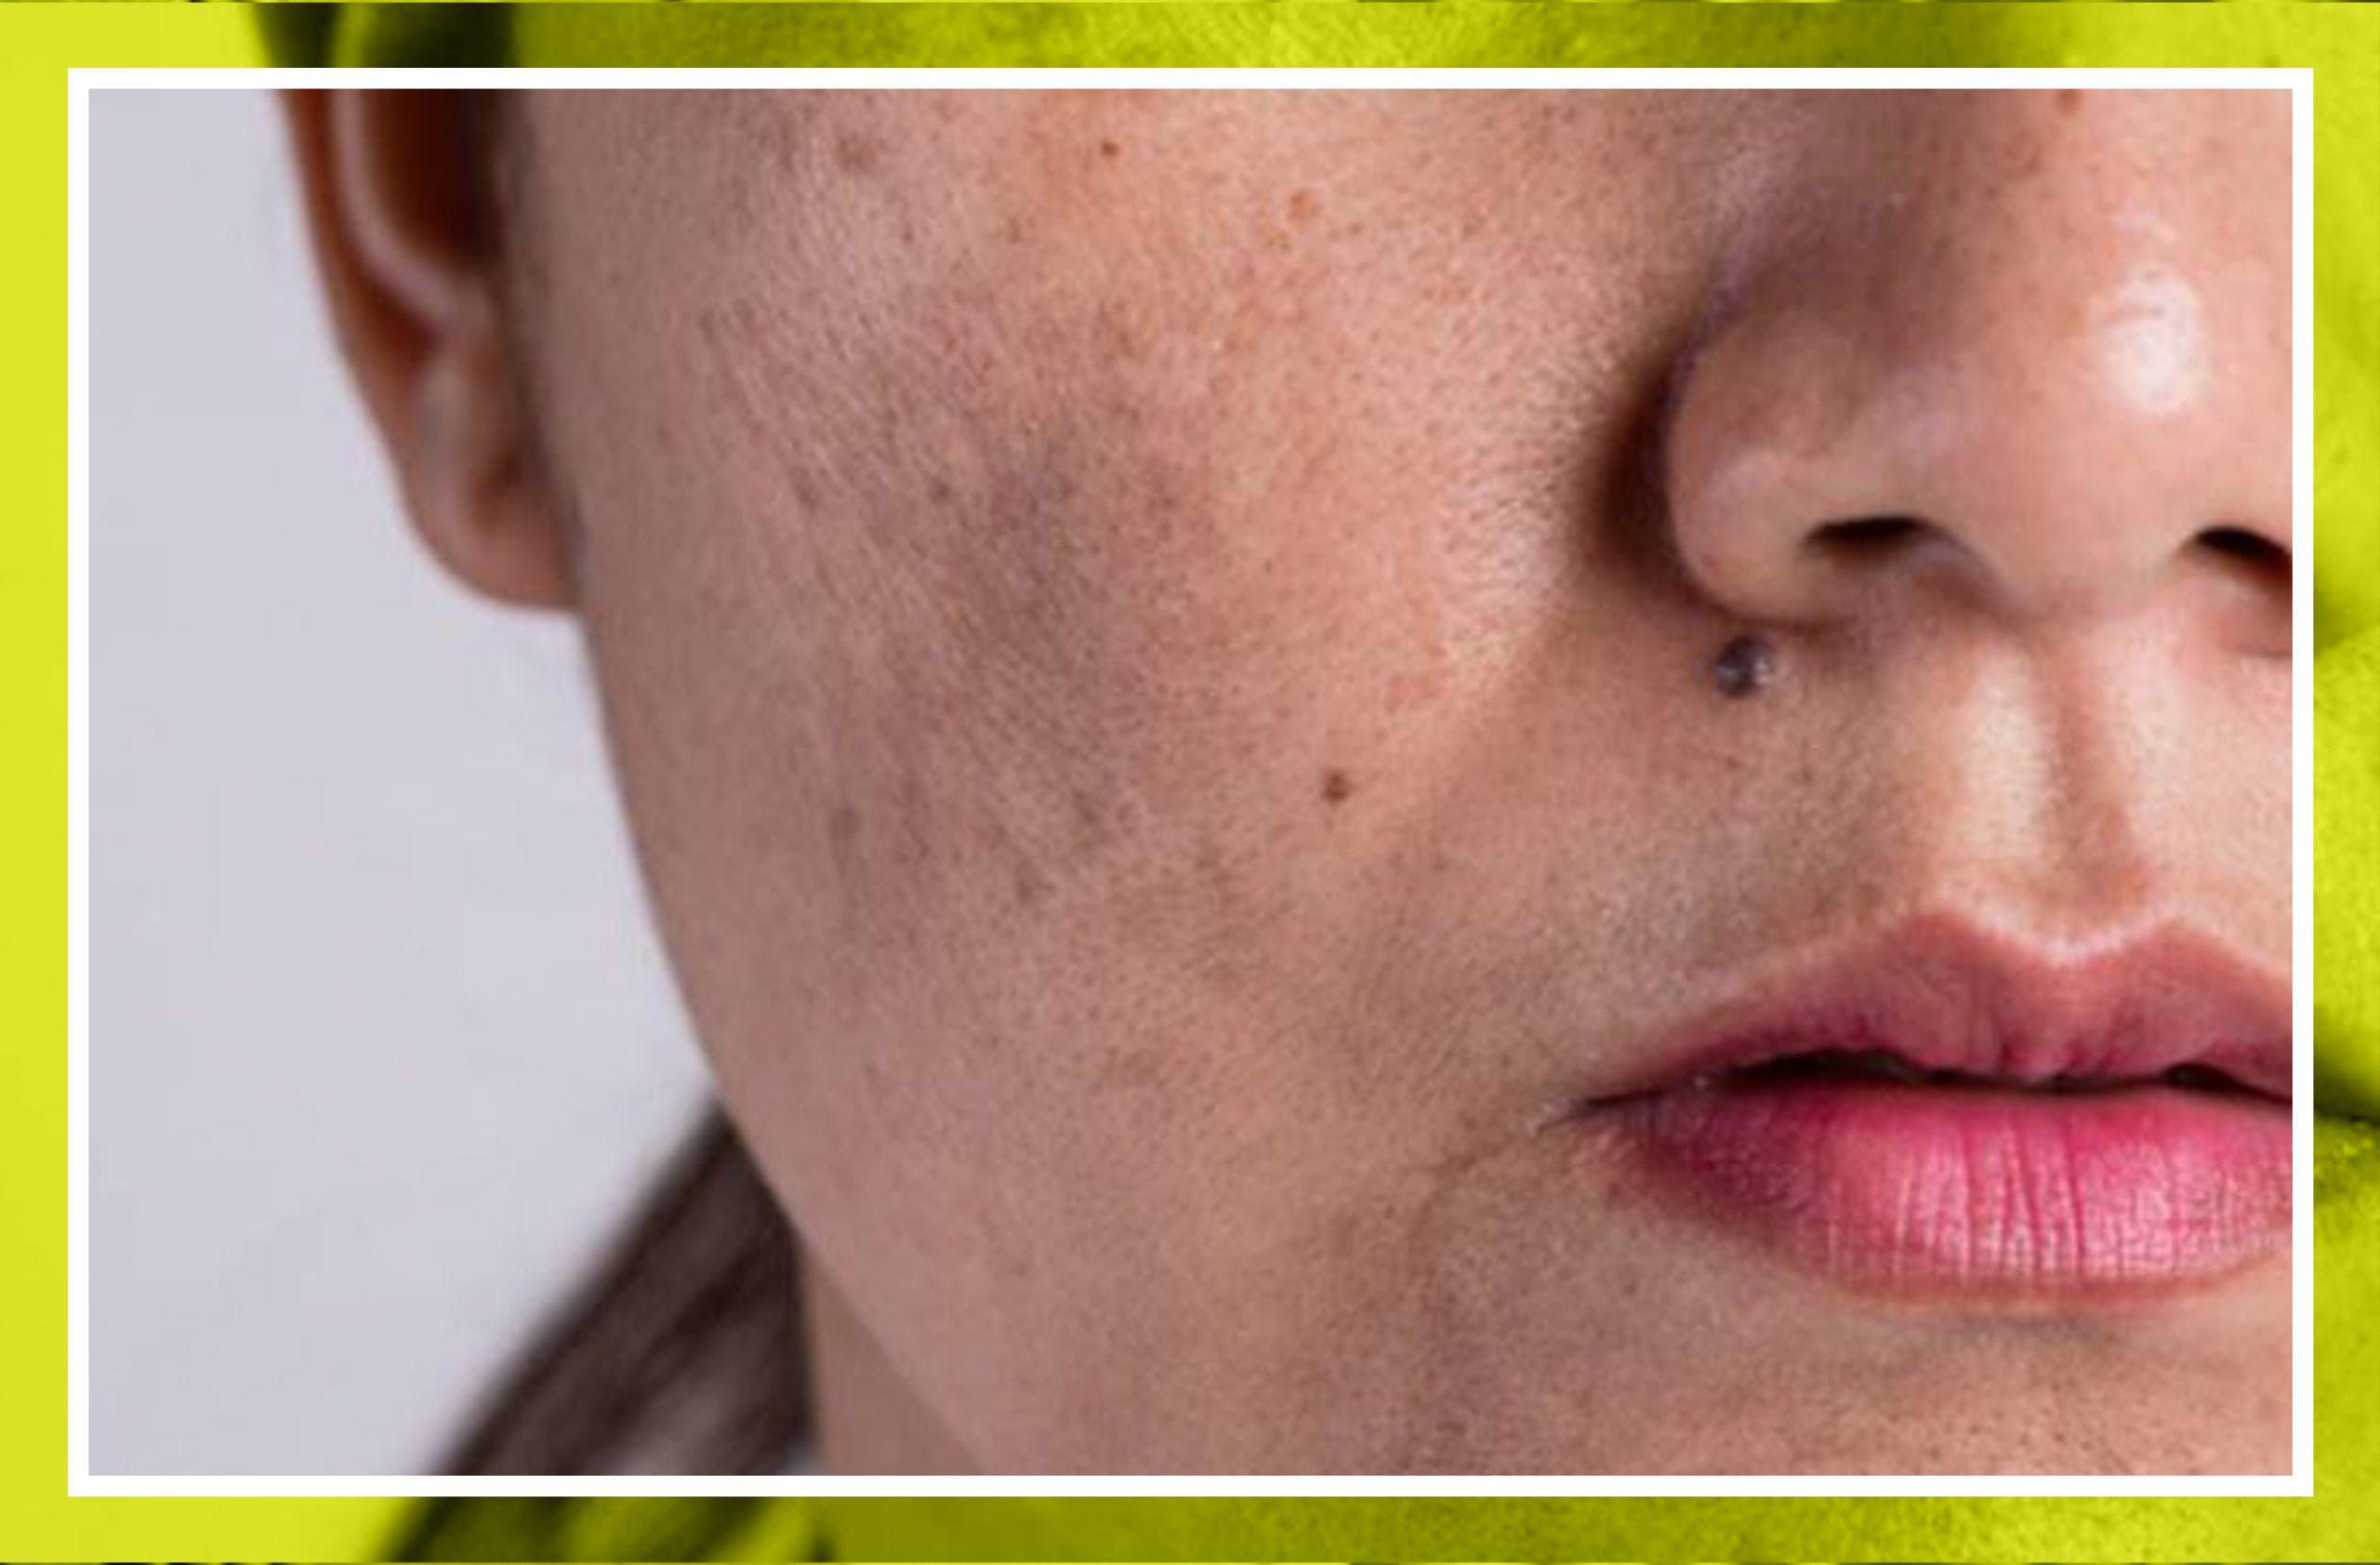 Manchas en la piel: tipos y consejos prácticos